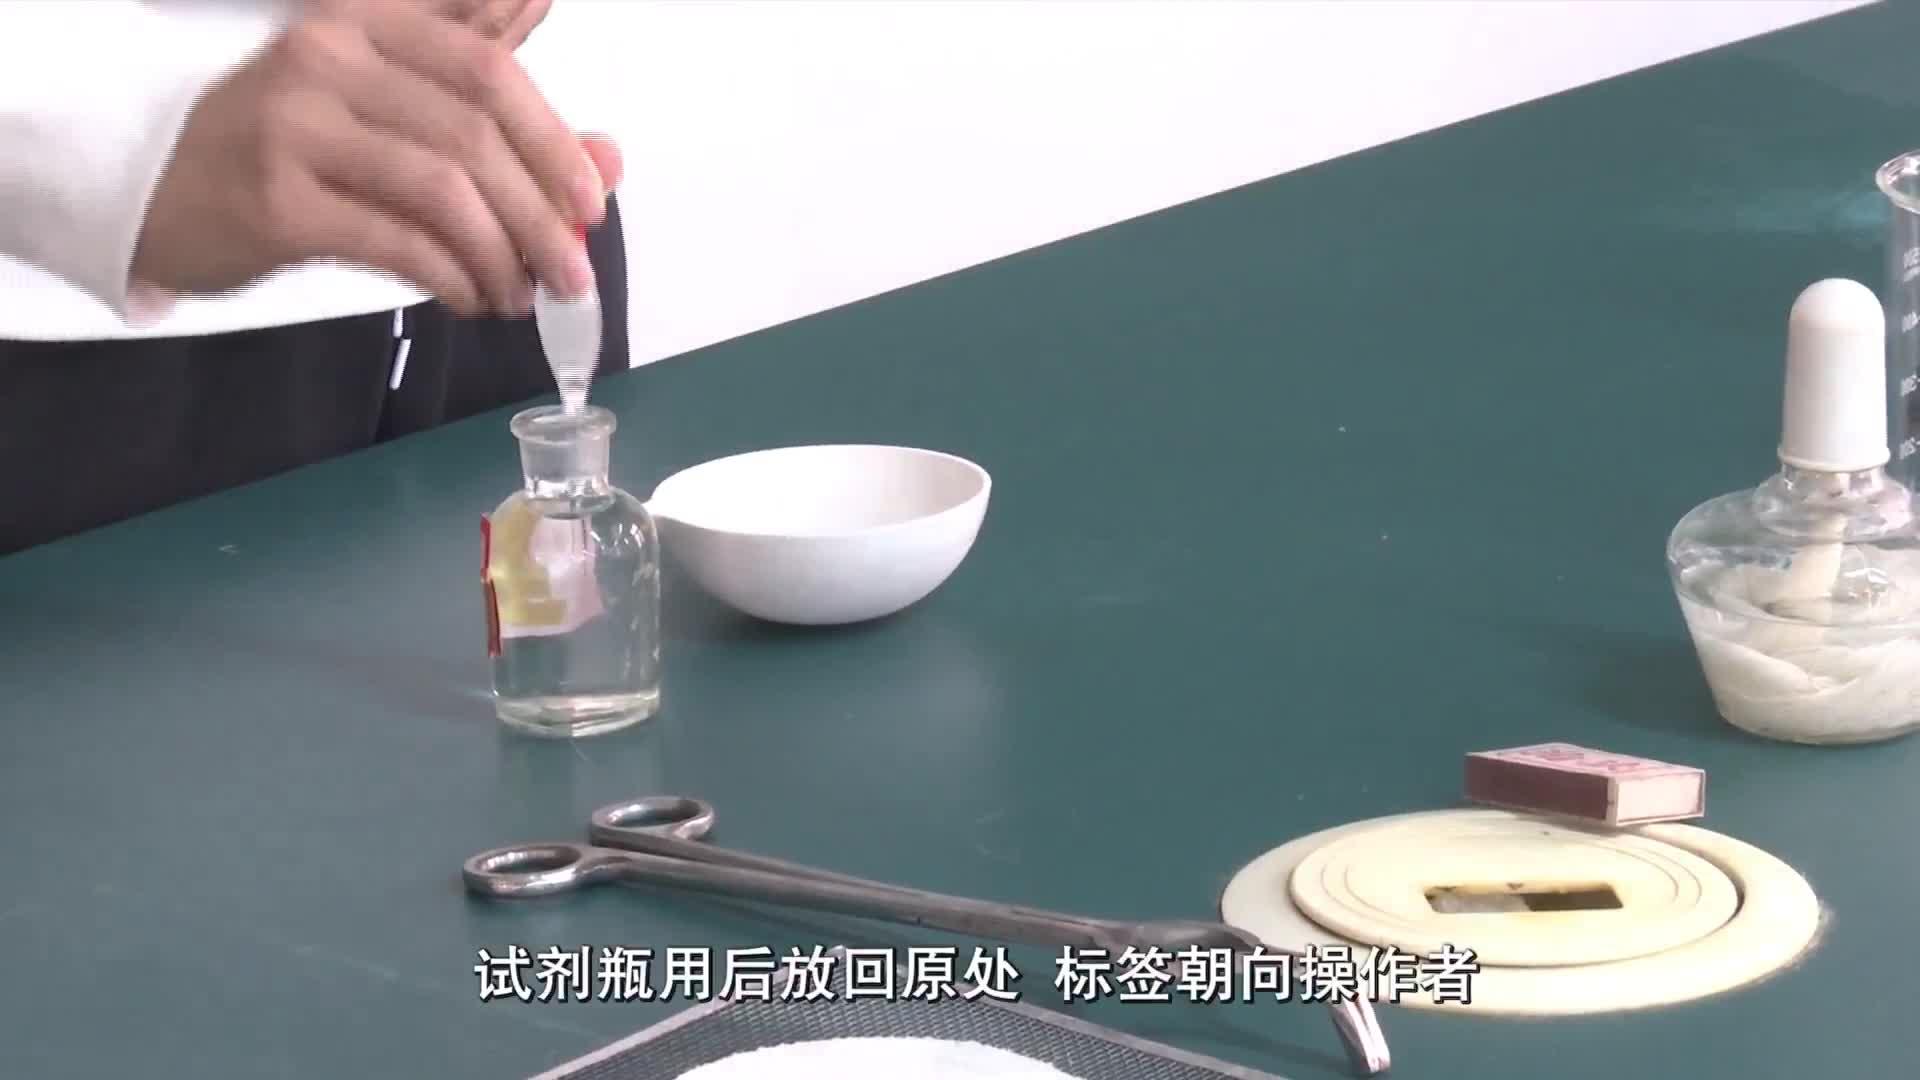 2019河南省郑州市中招理化生实验操作考试(化学)-蒸发饱和氯化钠溶液-实验演示